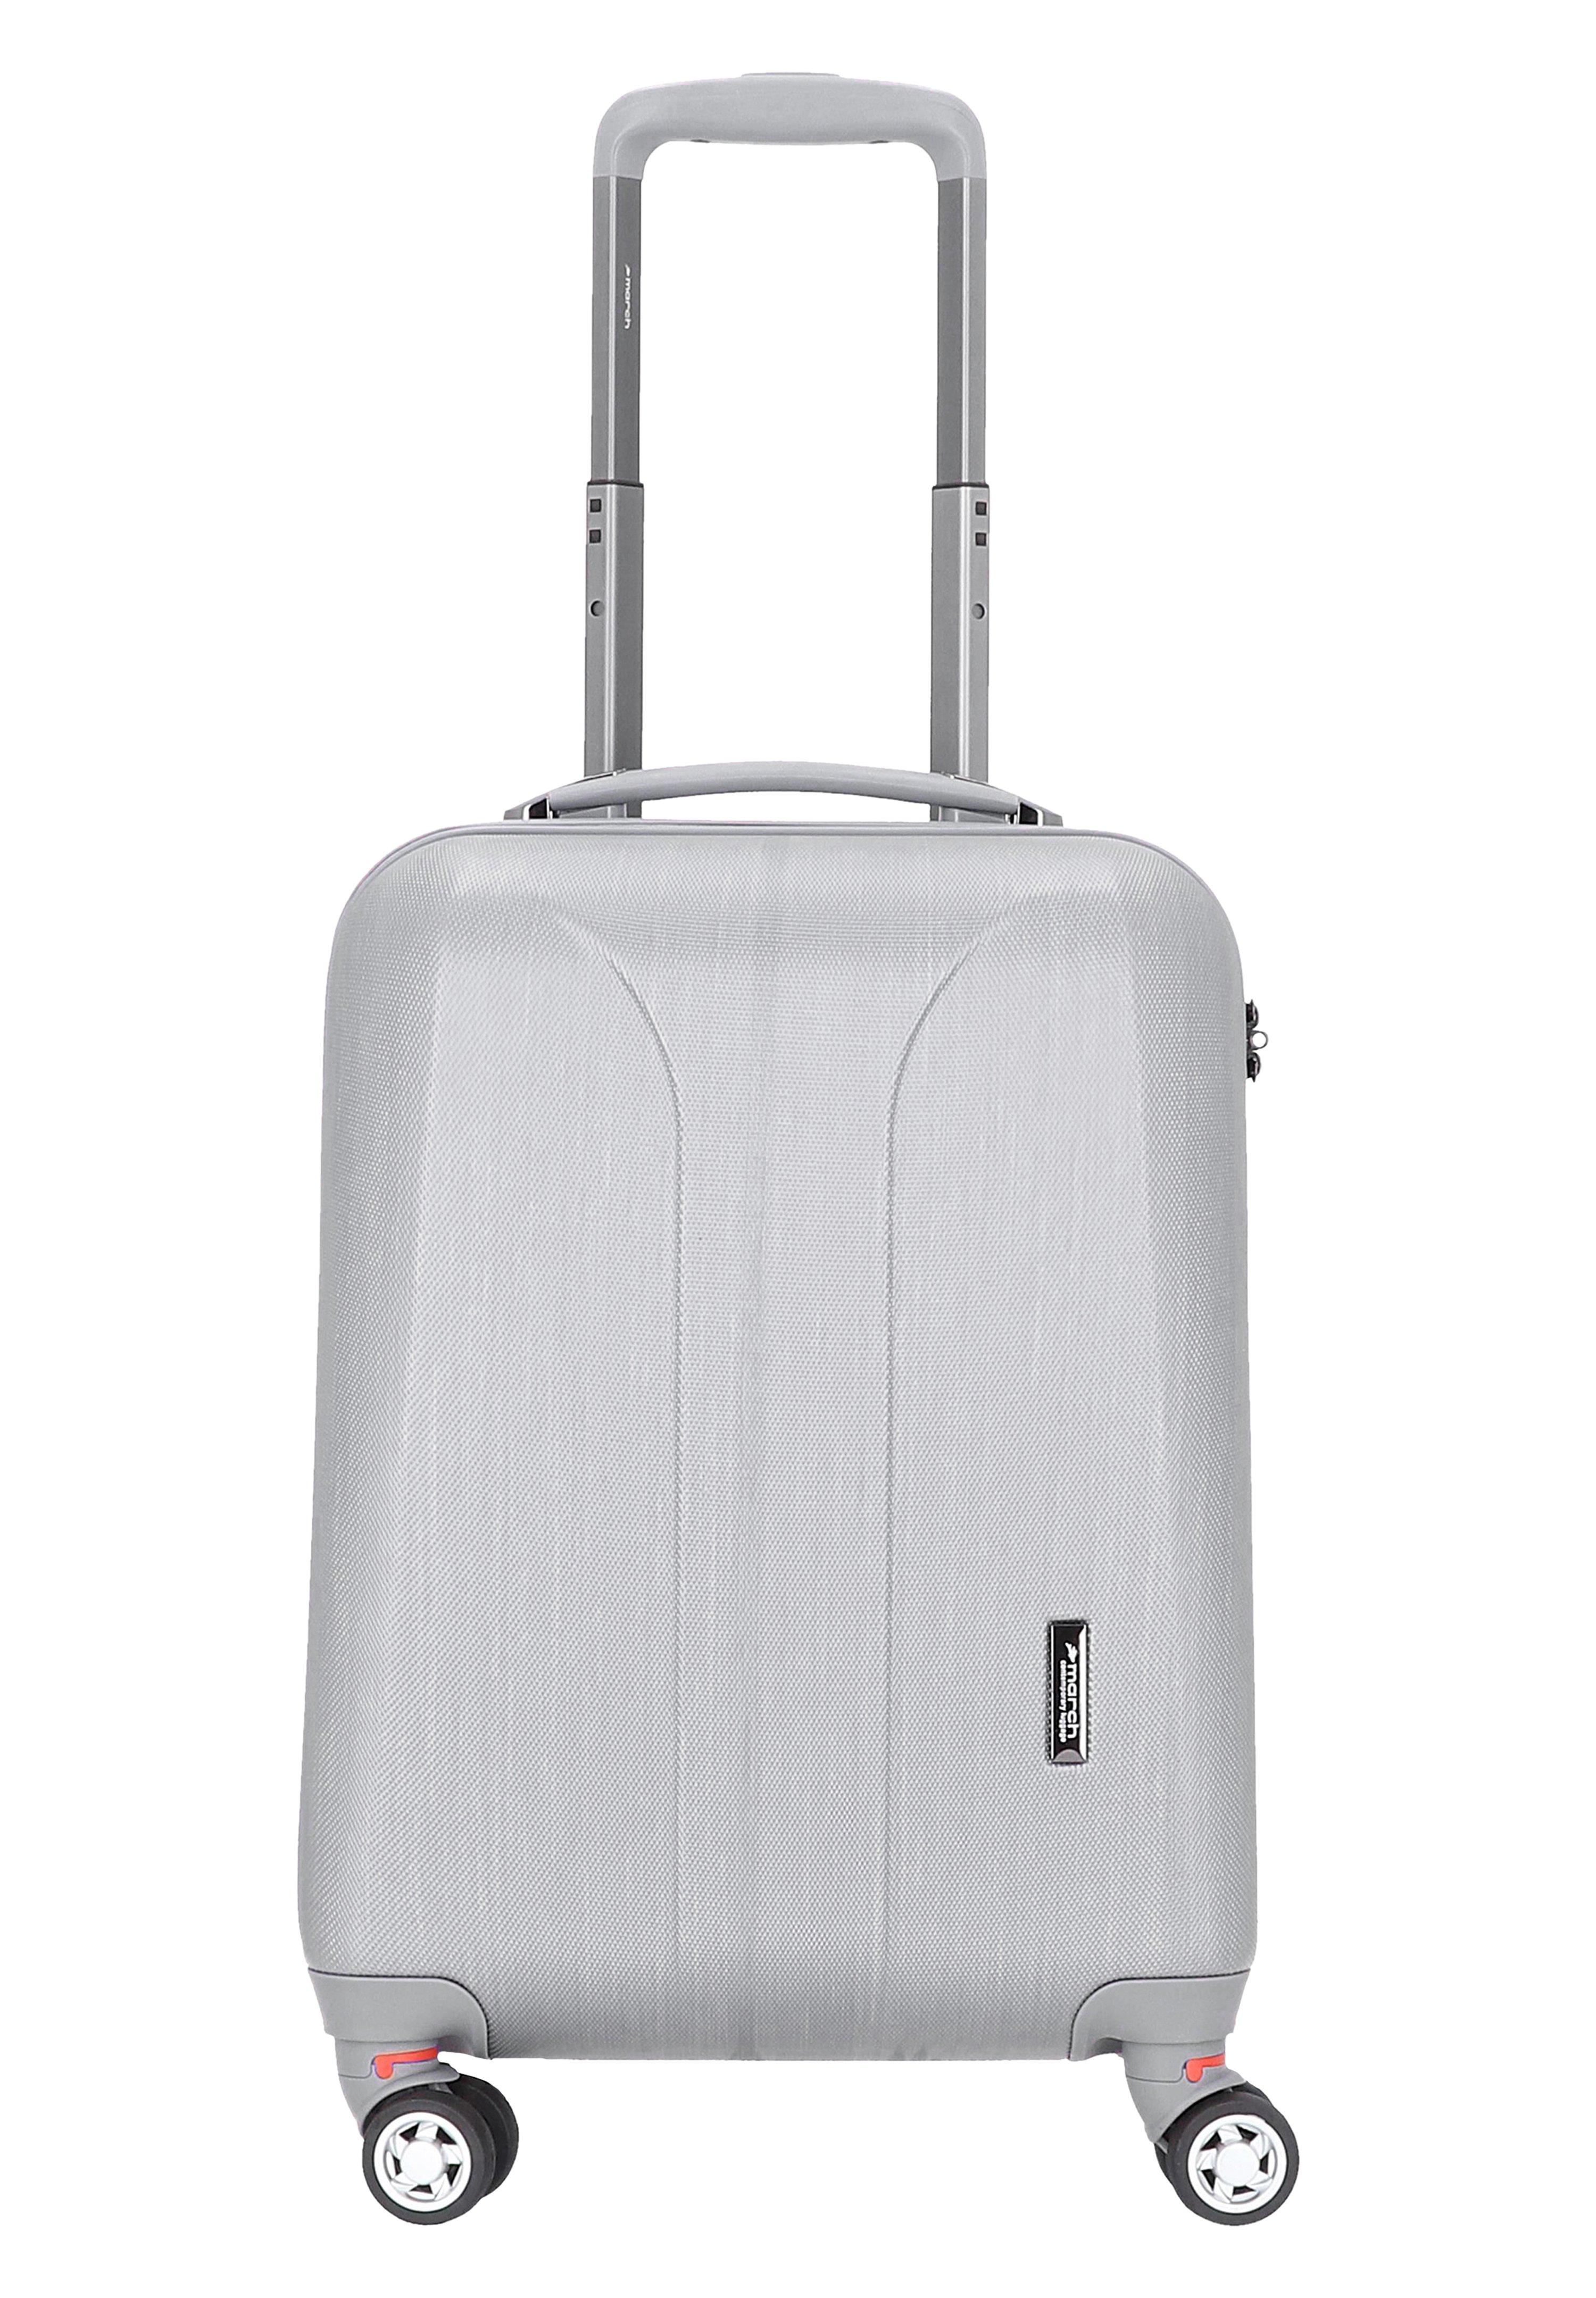 March Luggage Trolley - Silver Brushed/grau